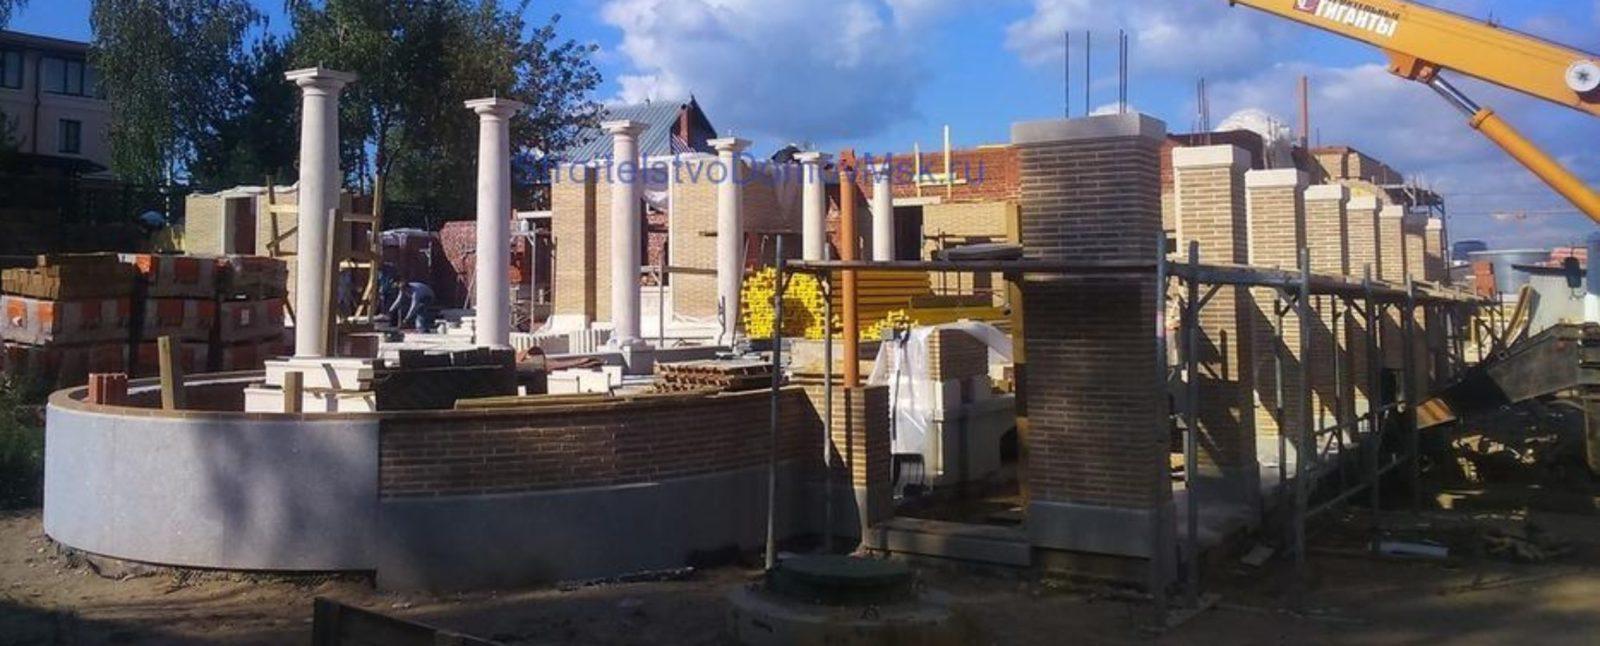 Строительство домов и коттеджей в Одинцовском районе